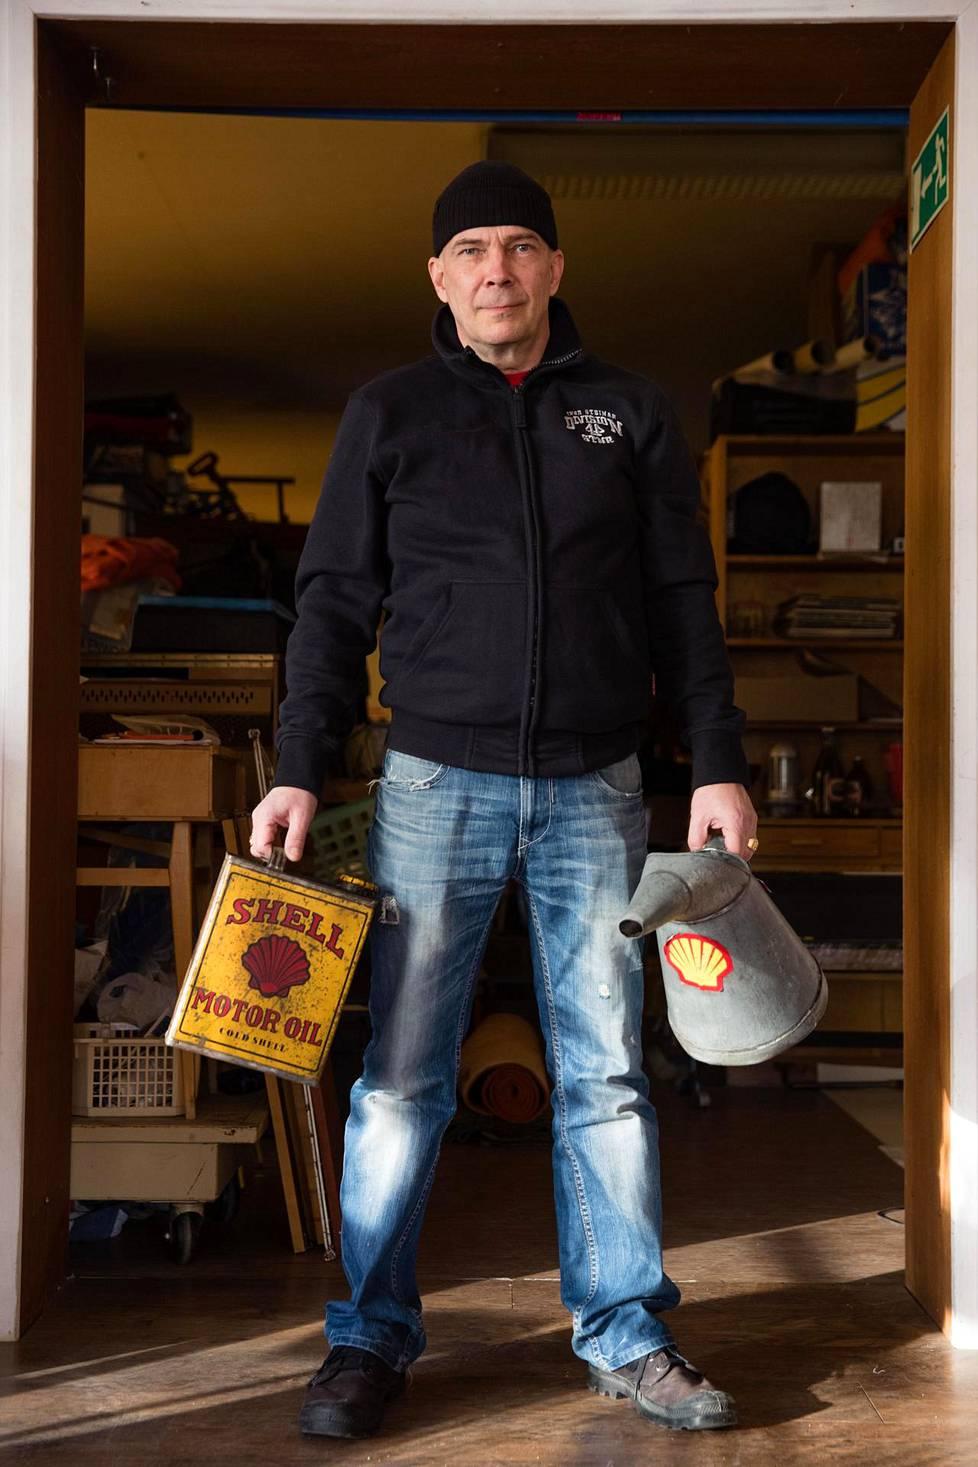 Kari Strengell myy vanhoja tavaroita. Menneiden vuosikymmenten öljykanisterit ja -kannut kiinnostavat miesasiakkaita.